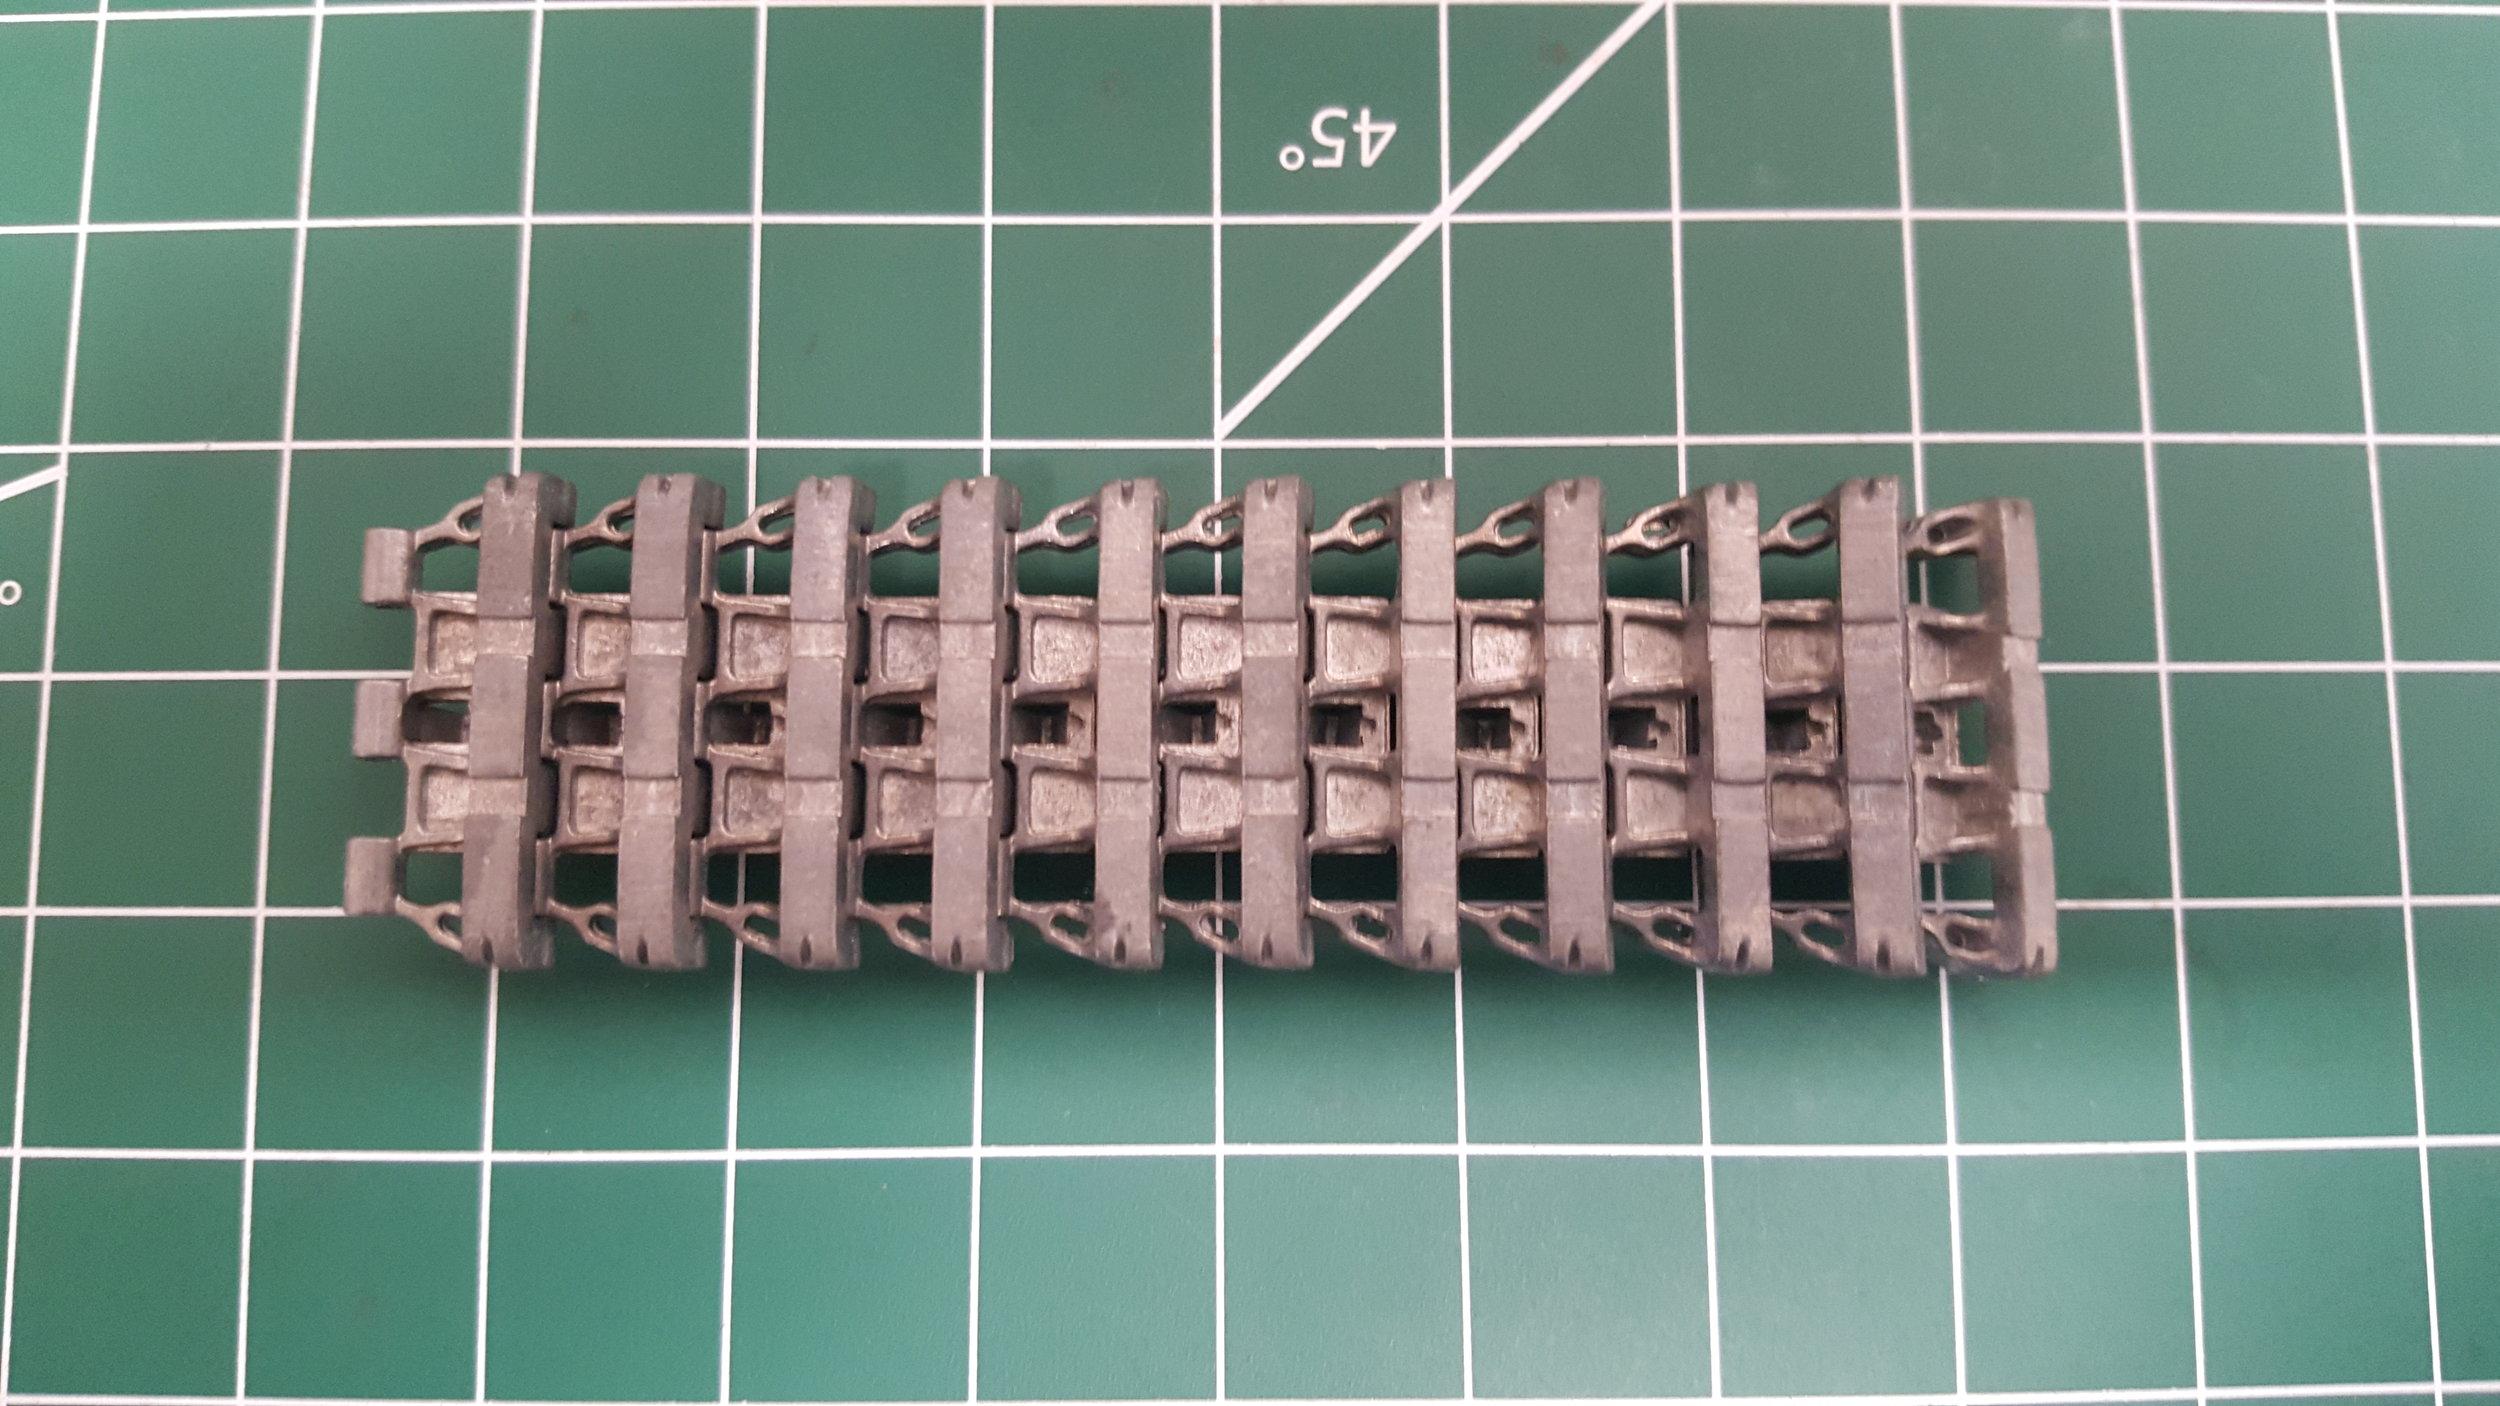 Panzer III/Stug III Metal Tracks